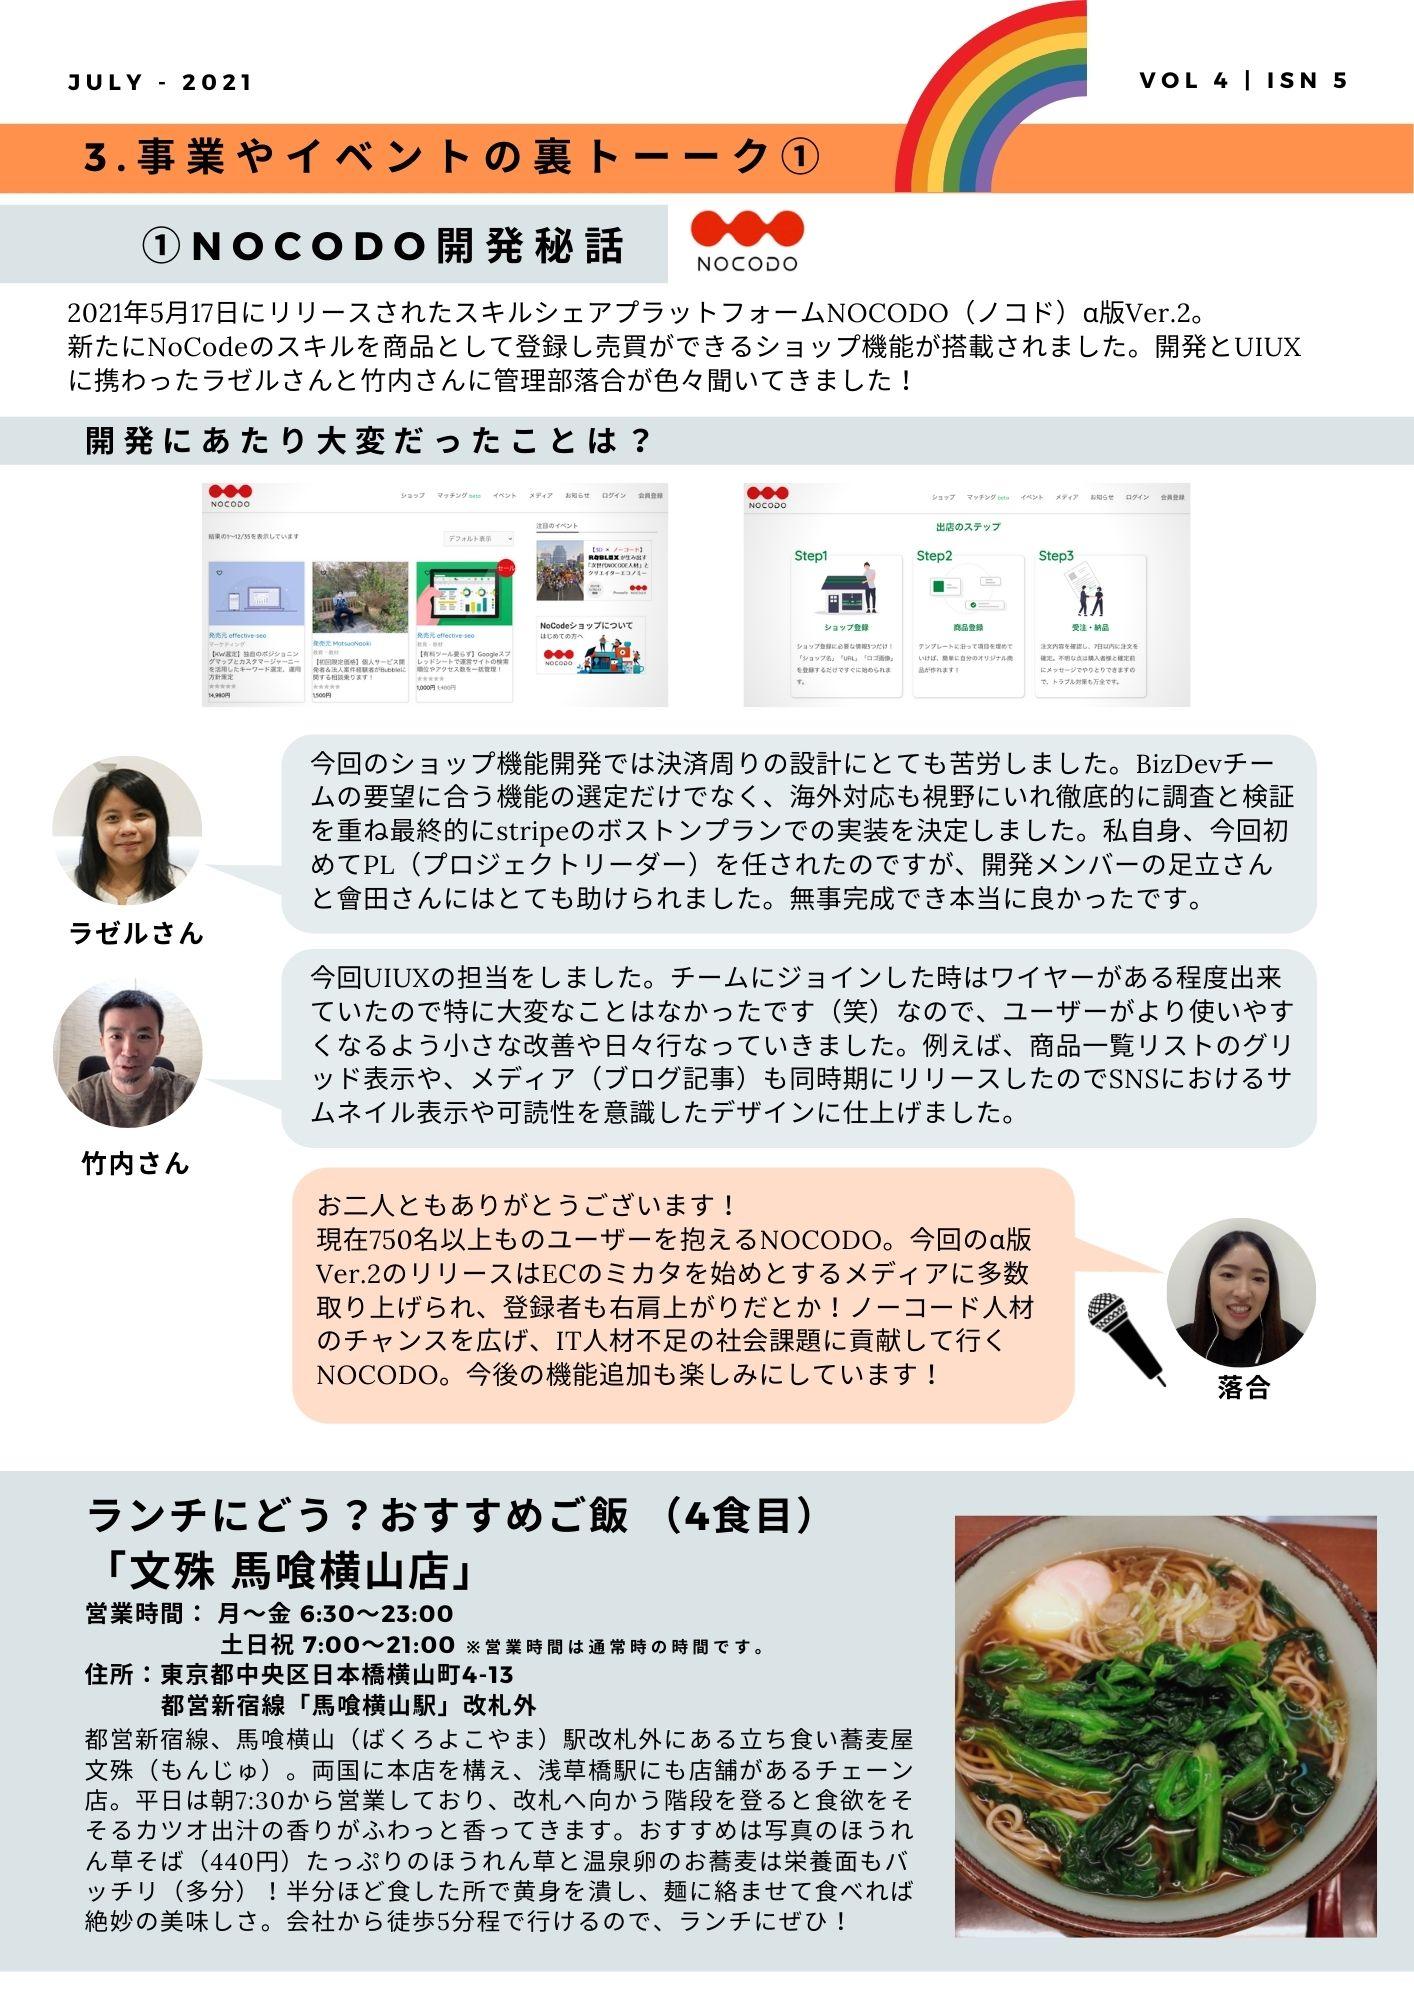 社内報/NOCODO開発秘話インタビュー